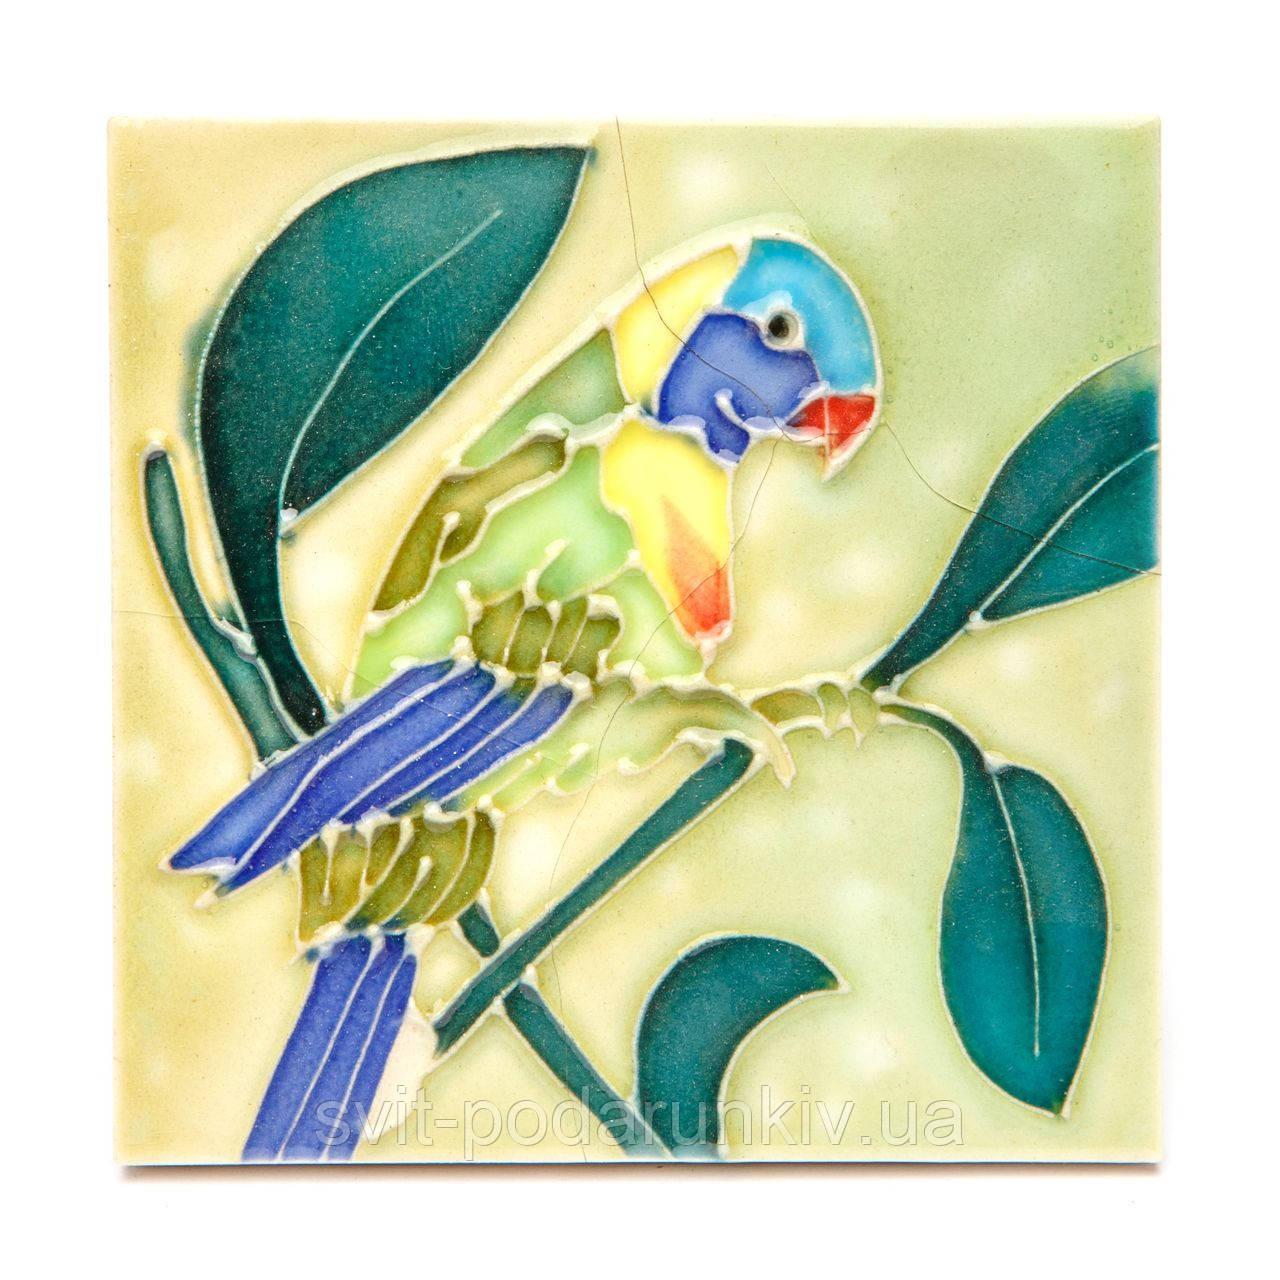 """Картина на керамической плитке №1-7 квадратная """"Зеленый попугай"""""""